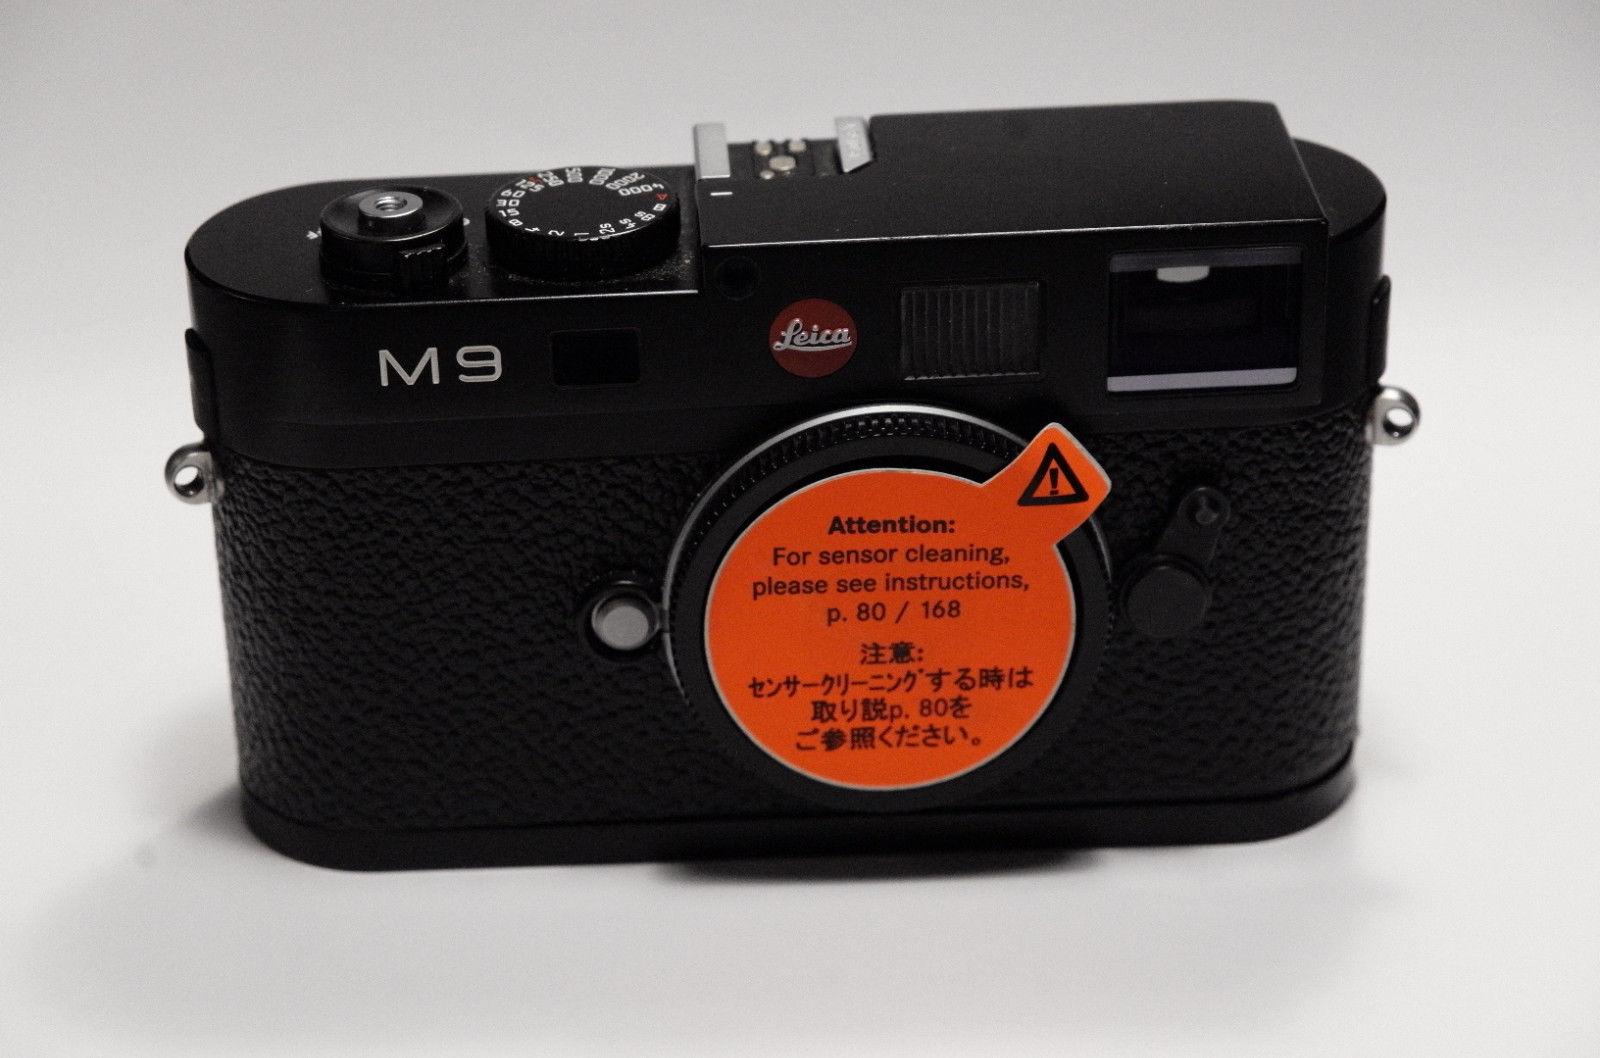 Leica M M9 18 MP 0MP Digitalkamera - schwarz mit zusätzlichem Handgriff